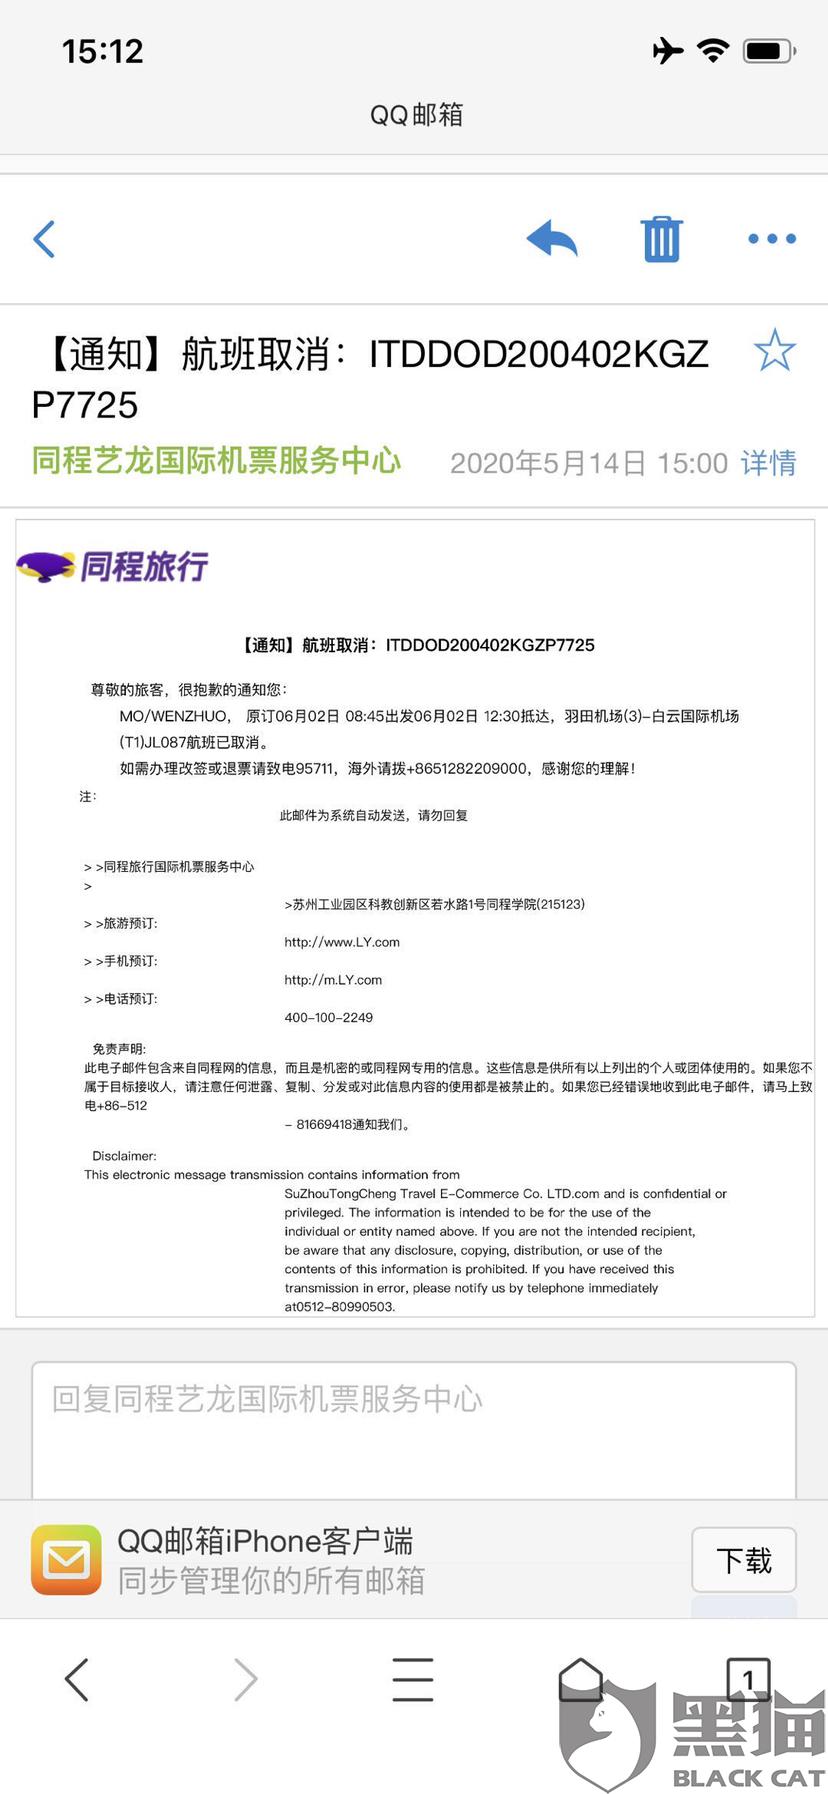 黑猫投诉:艺龙旅行网百般刁难拒不退款